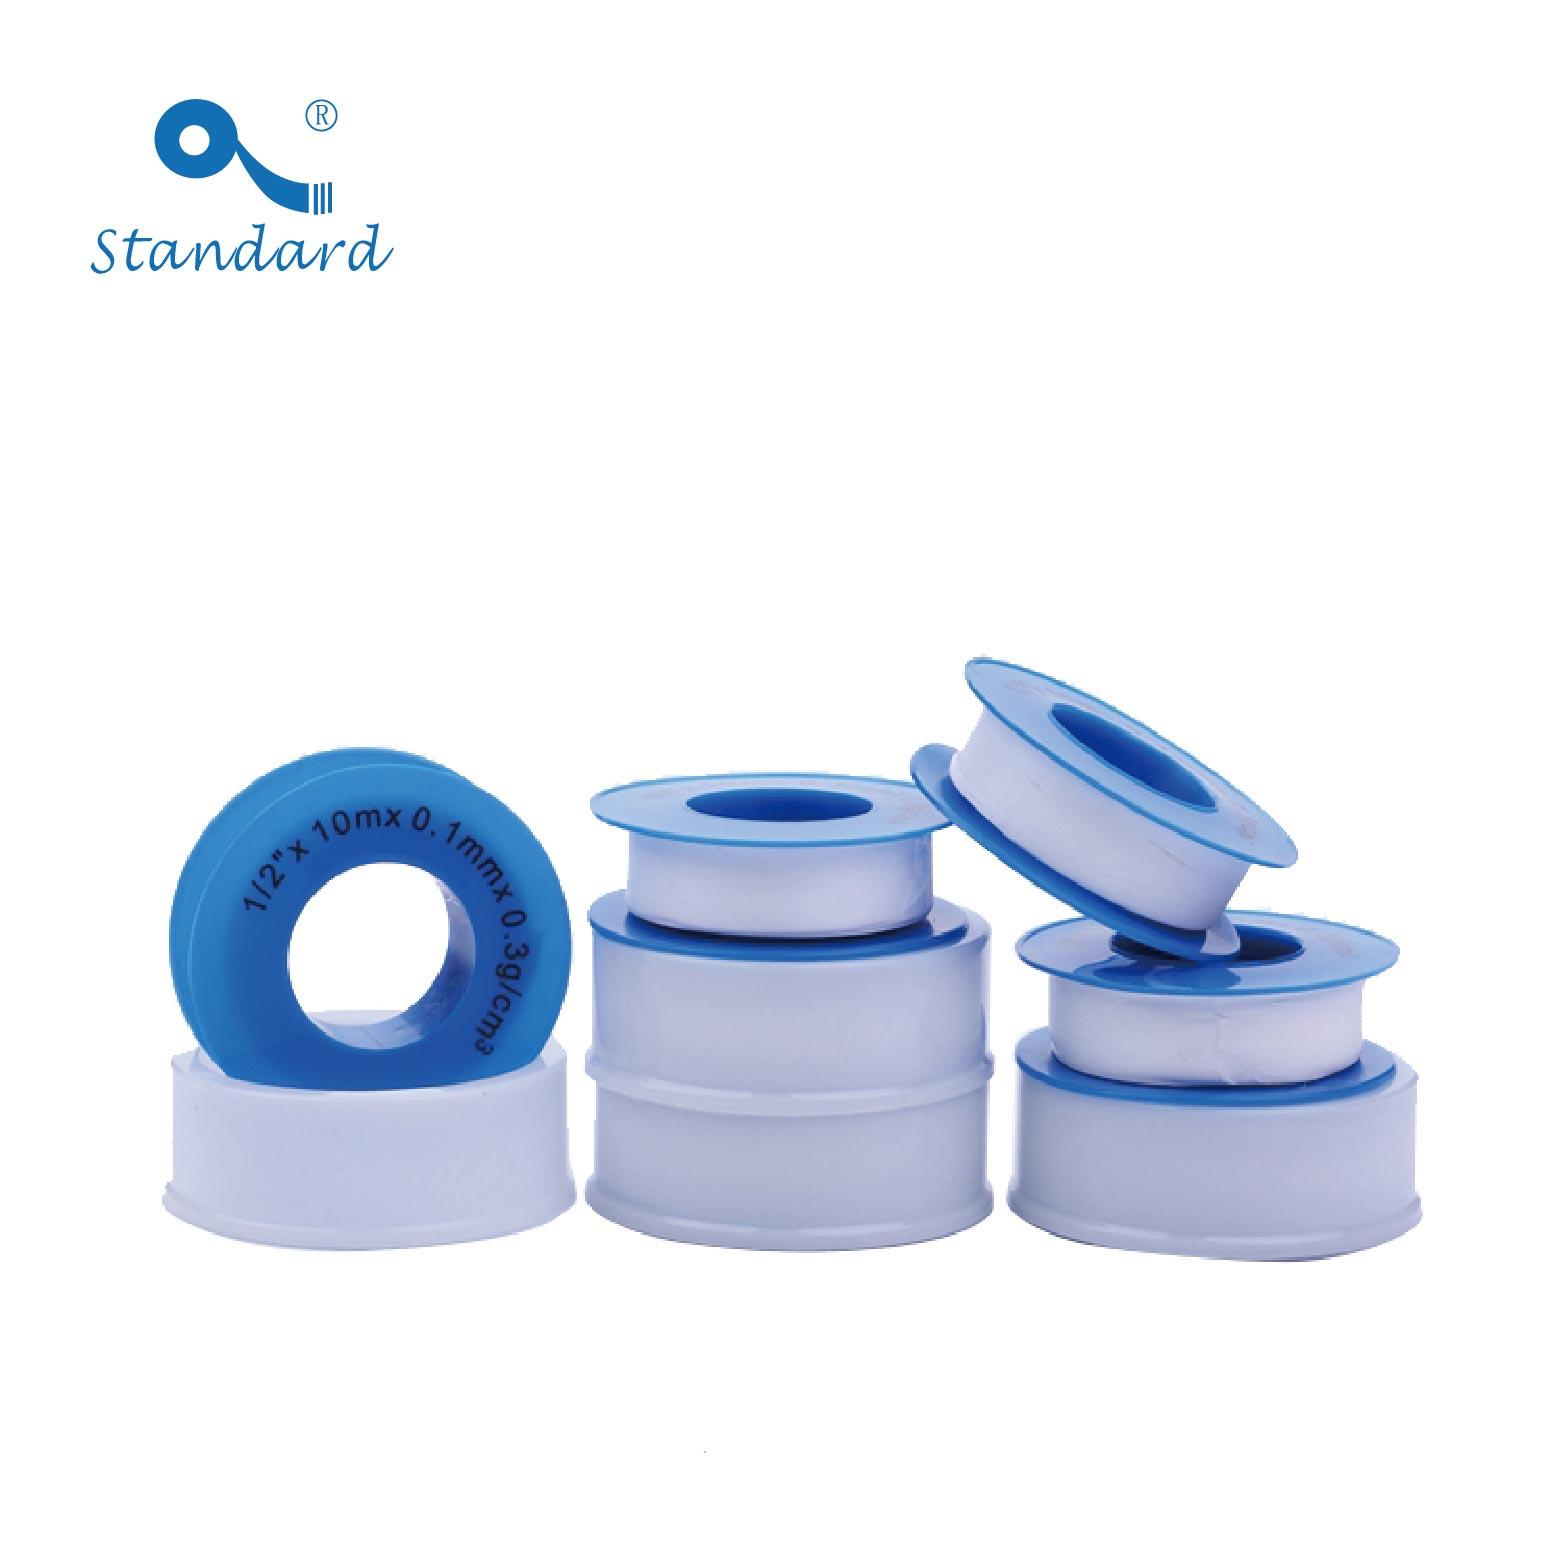 water sealing pipe seal tape